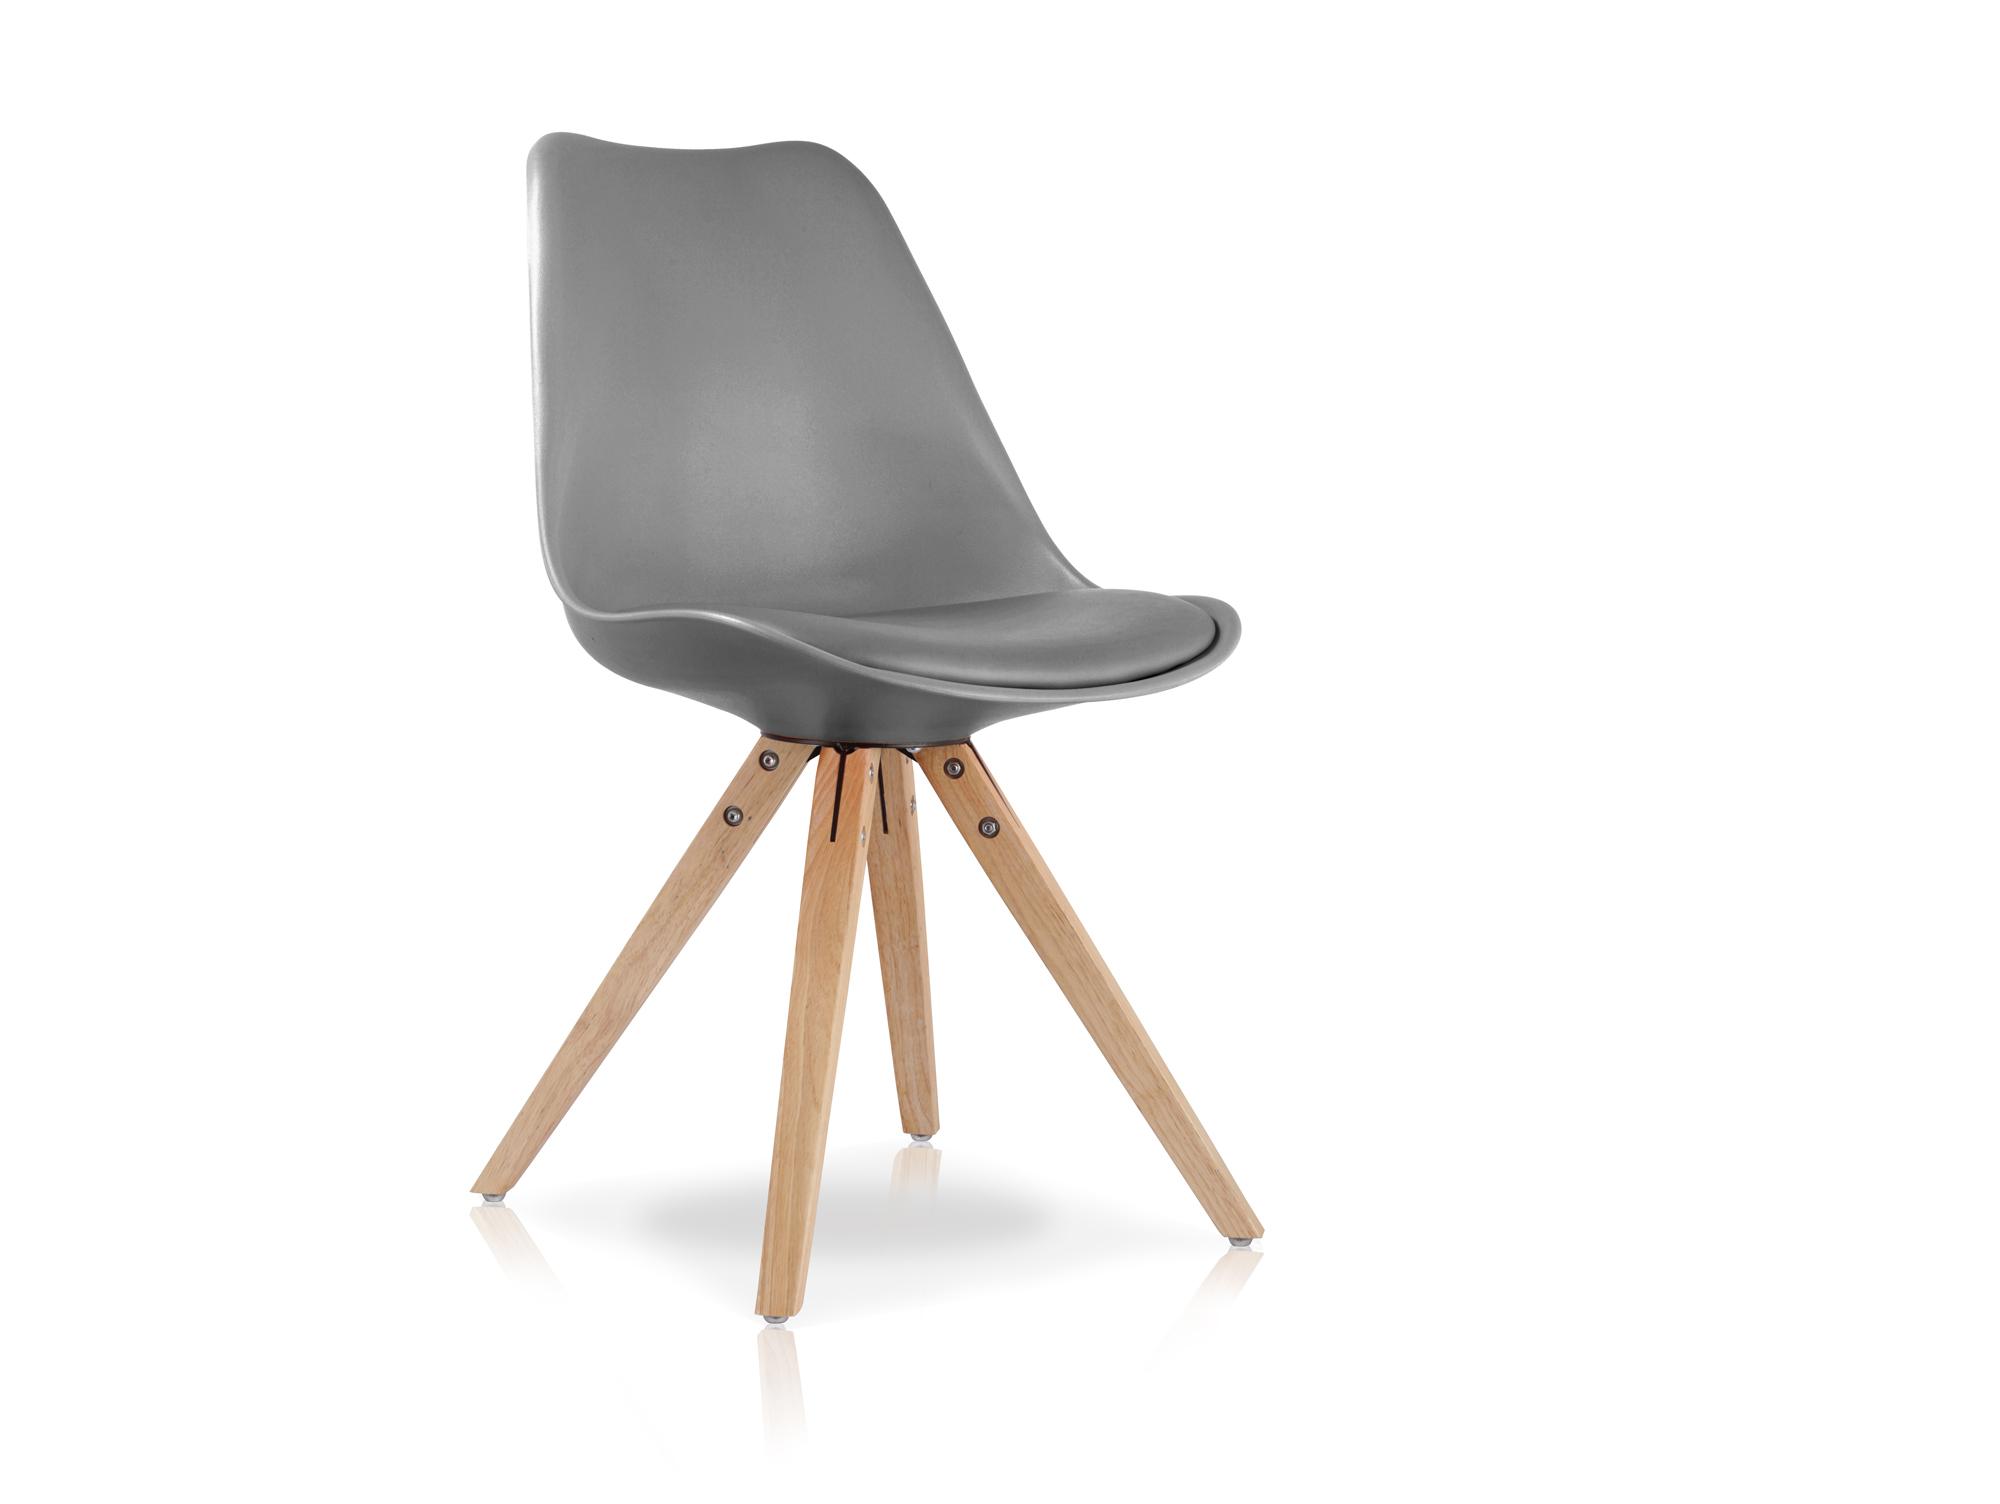 Esstischstuhl schalenstuhl esszimmerstuhl stuhl buche for Schalenstuhl kunstleder